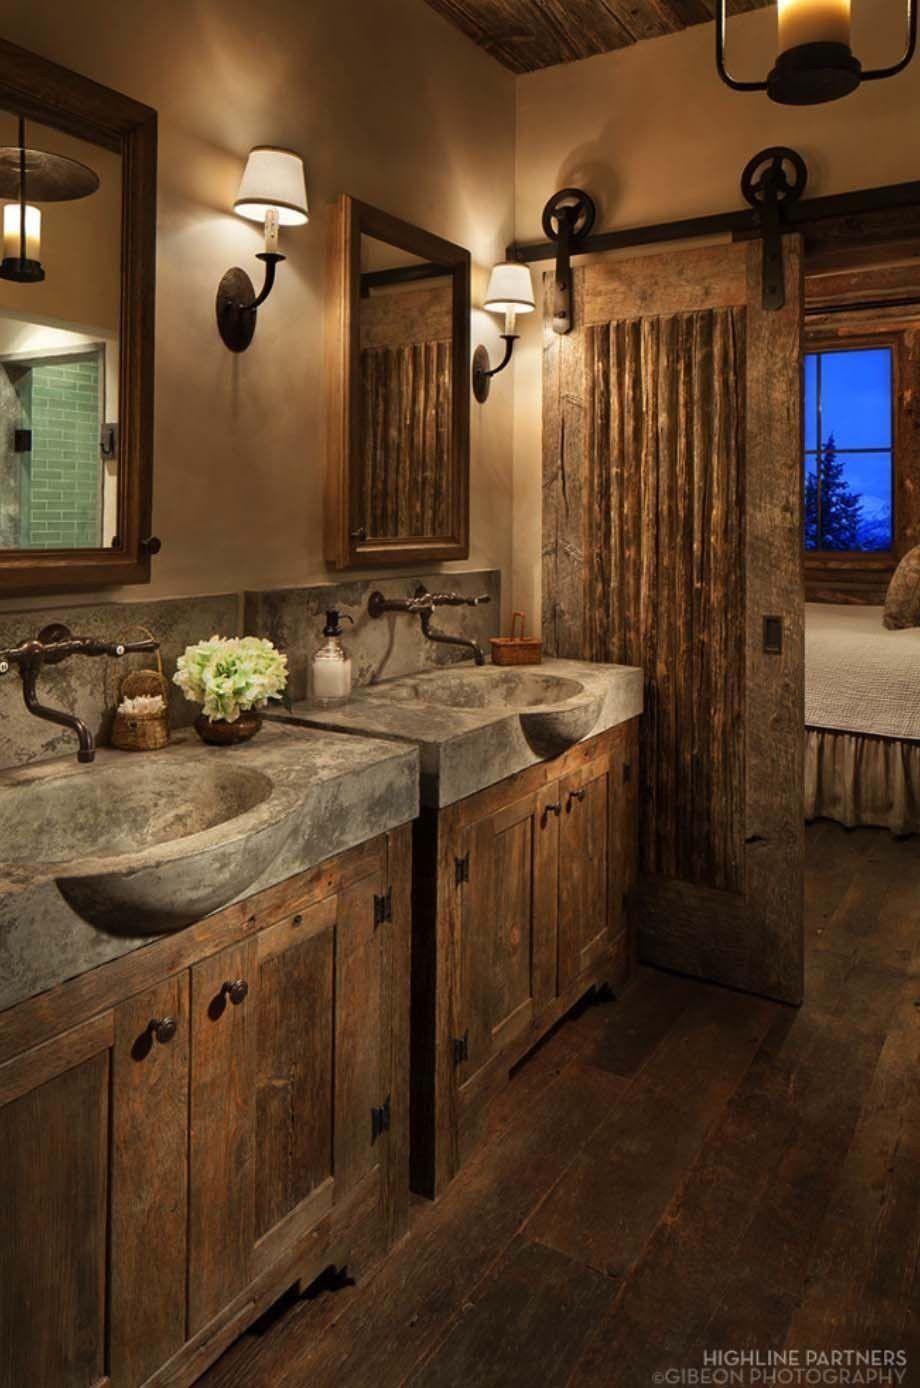 Western Star Bathroom Decor 2021 Western Bathroom Decor Rustic Bathroom Decor Rustic Bathrooms Barn star bathroom decor